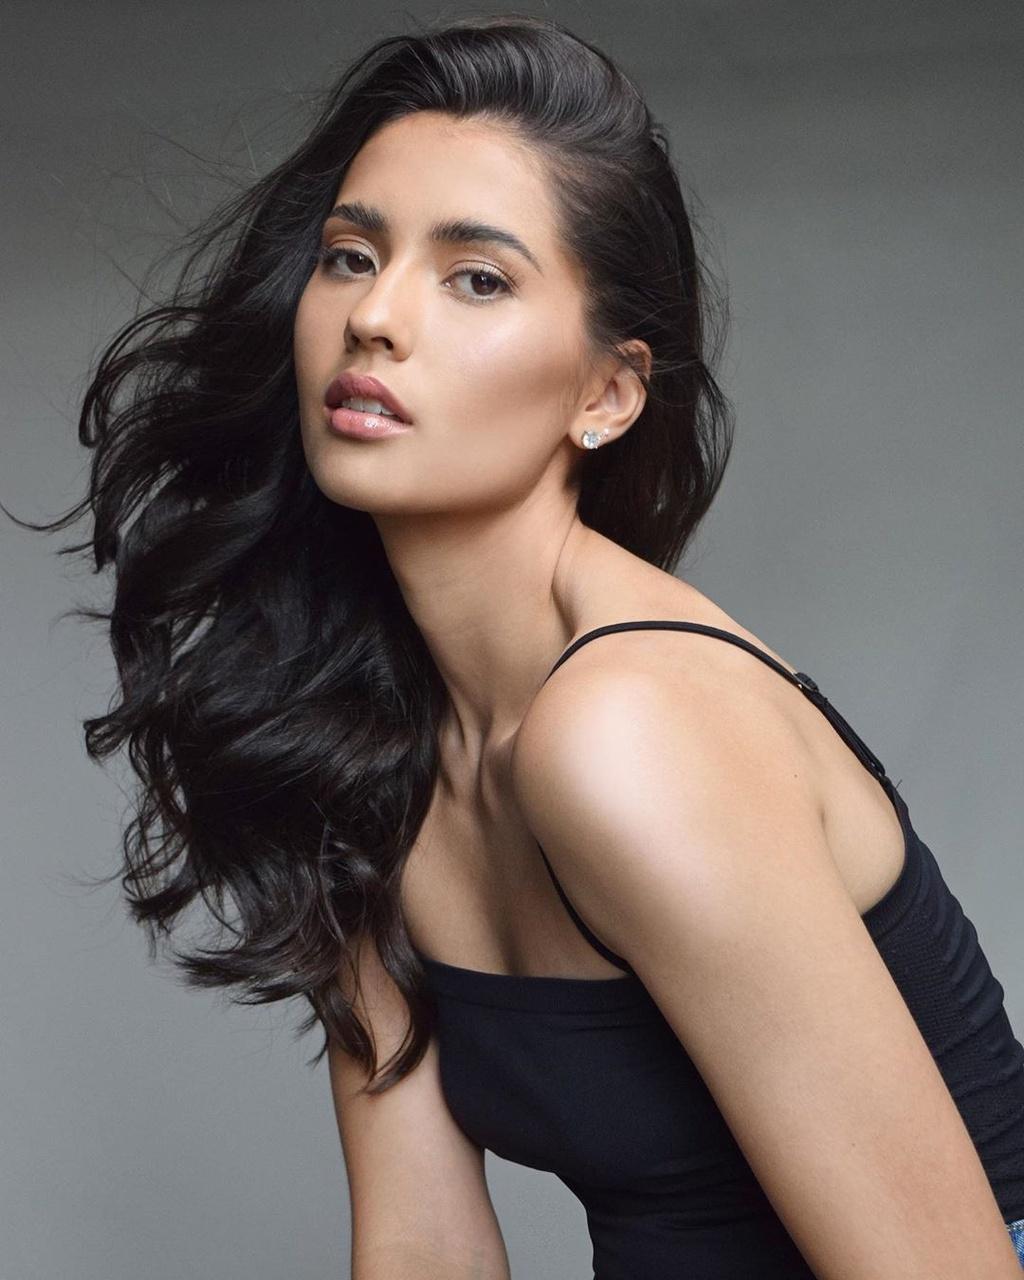 Nhan sắc vạn người mê của tân Hoa hậu Siêu quốc gia 2019 - Ảnh 1